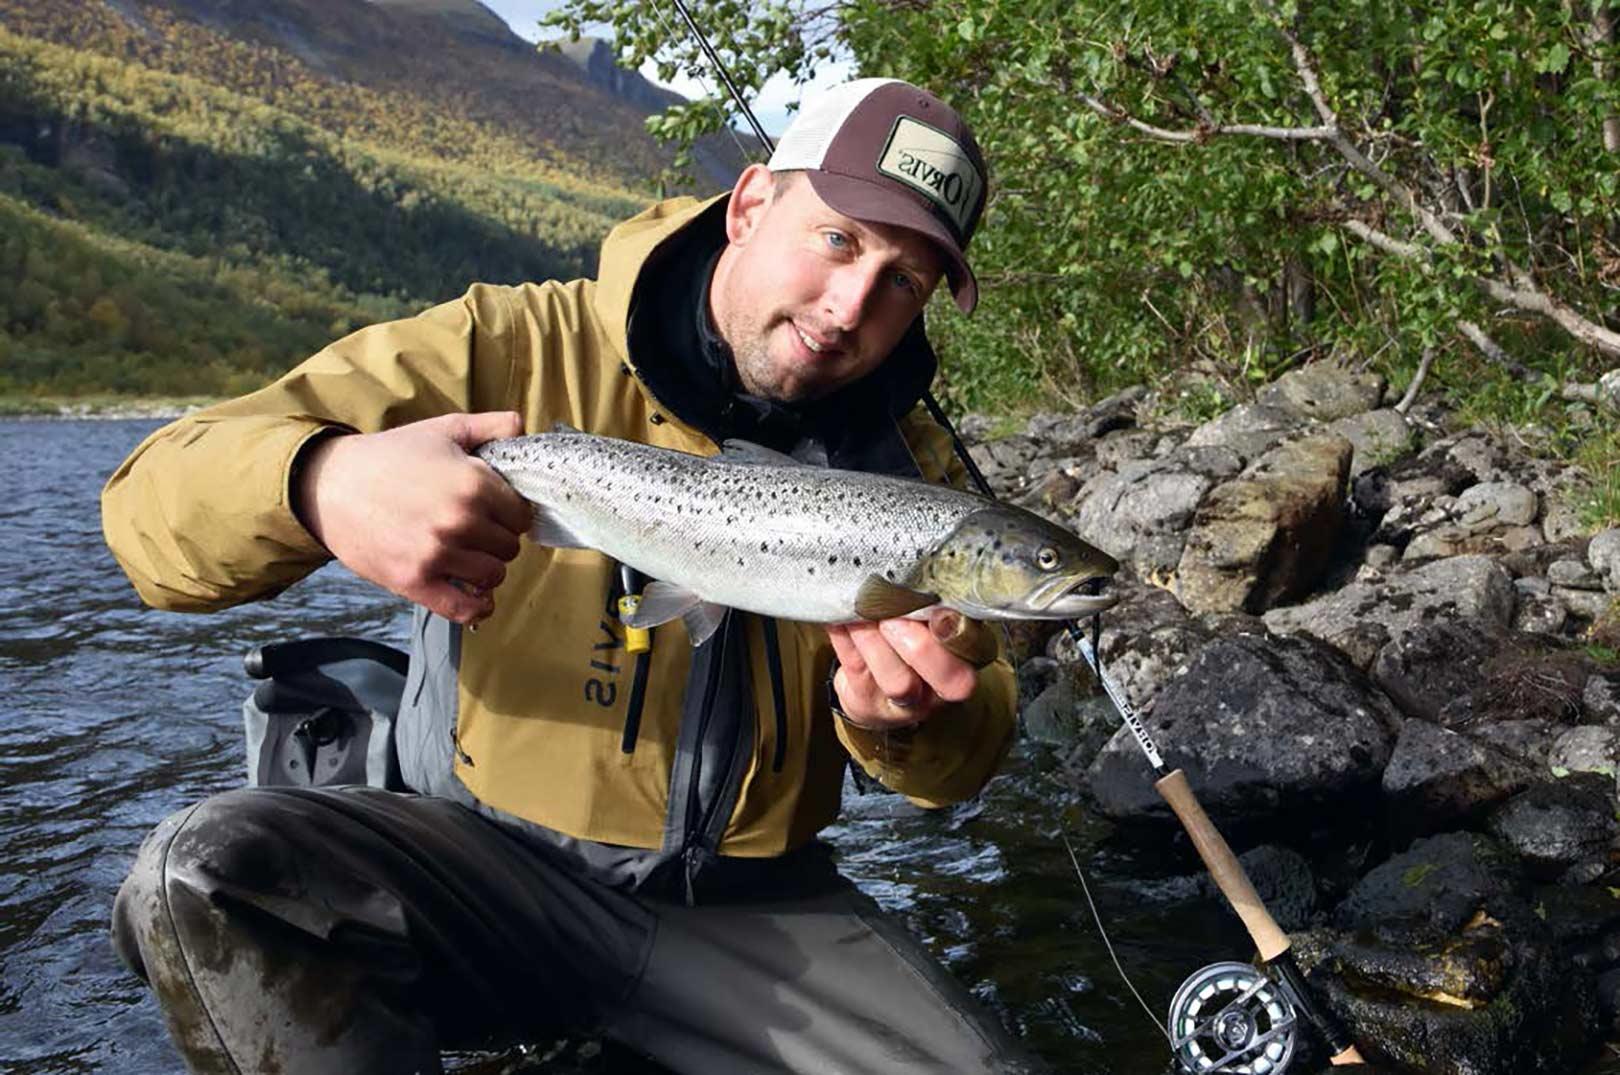 De fleste havørreder vi fanger, ligger som denne omkring de 45-55 cm. Men der fanges jævnligt 3-5 kilos fisk i både elven og fjorden.